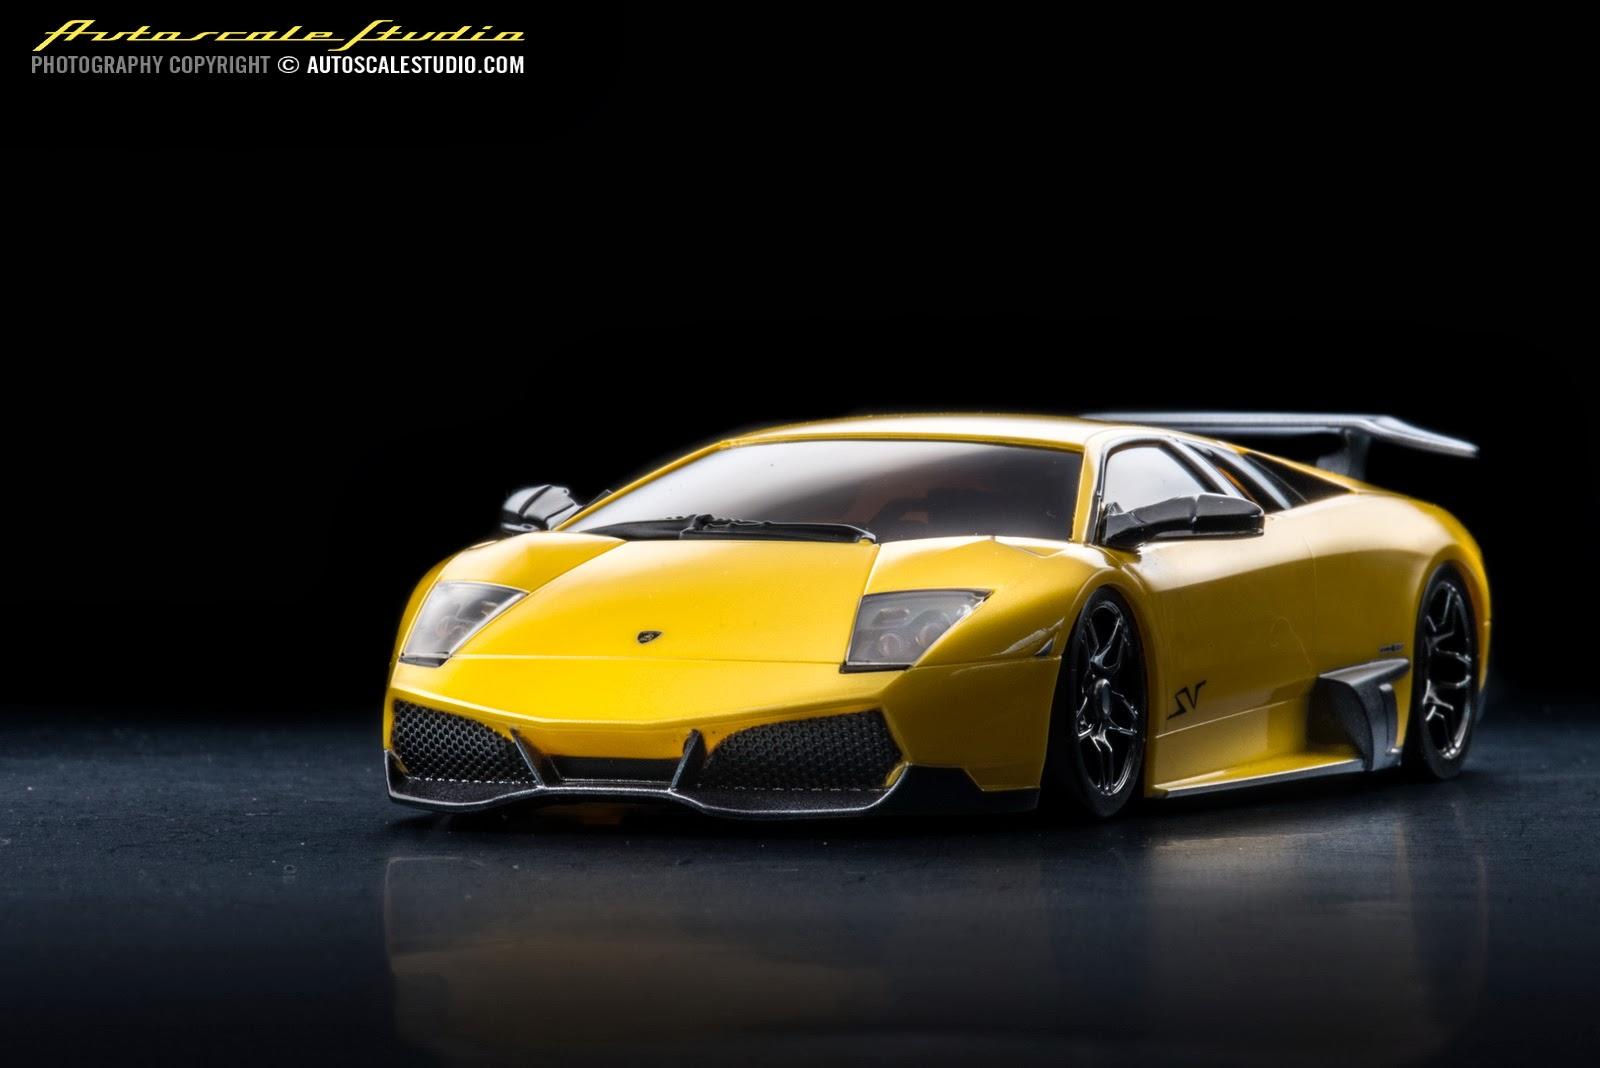 Mzp215py Lamborghini Murcielago Lp670 4sv Pearl Yellow Autoscale